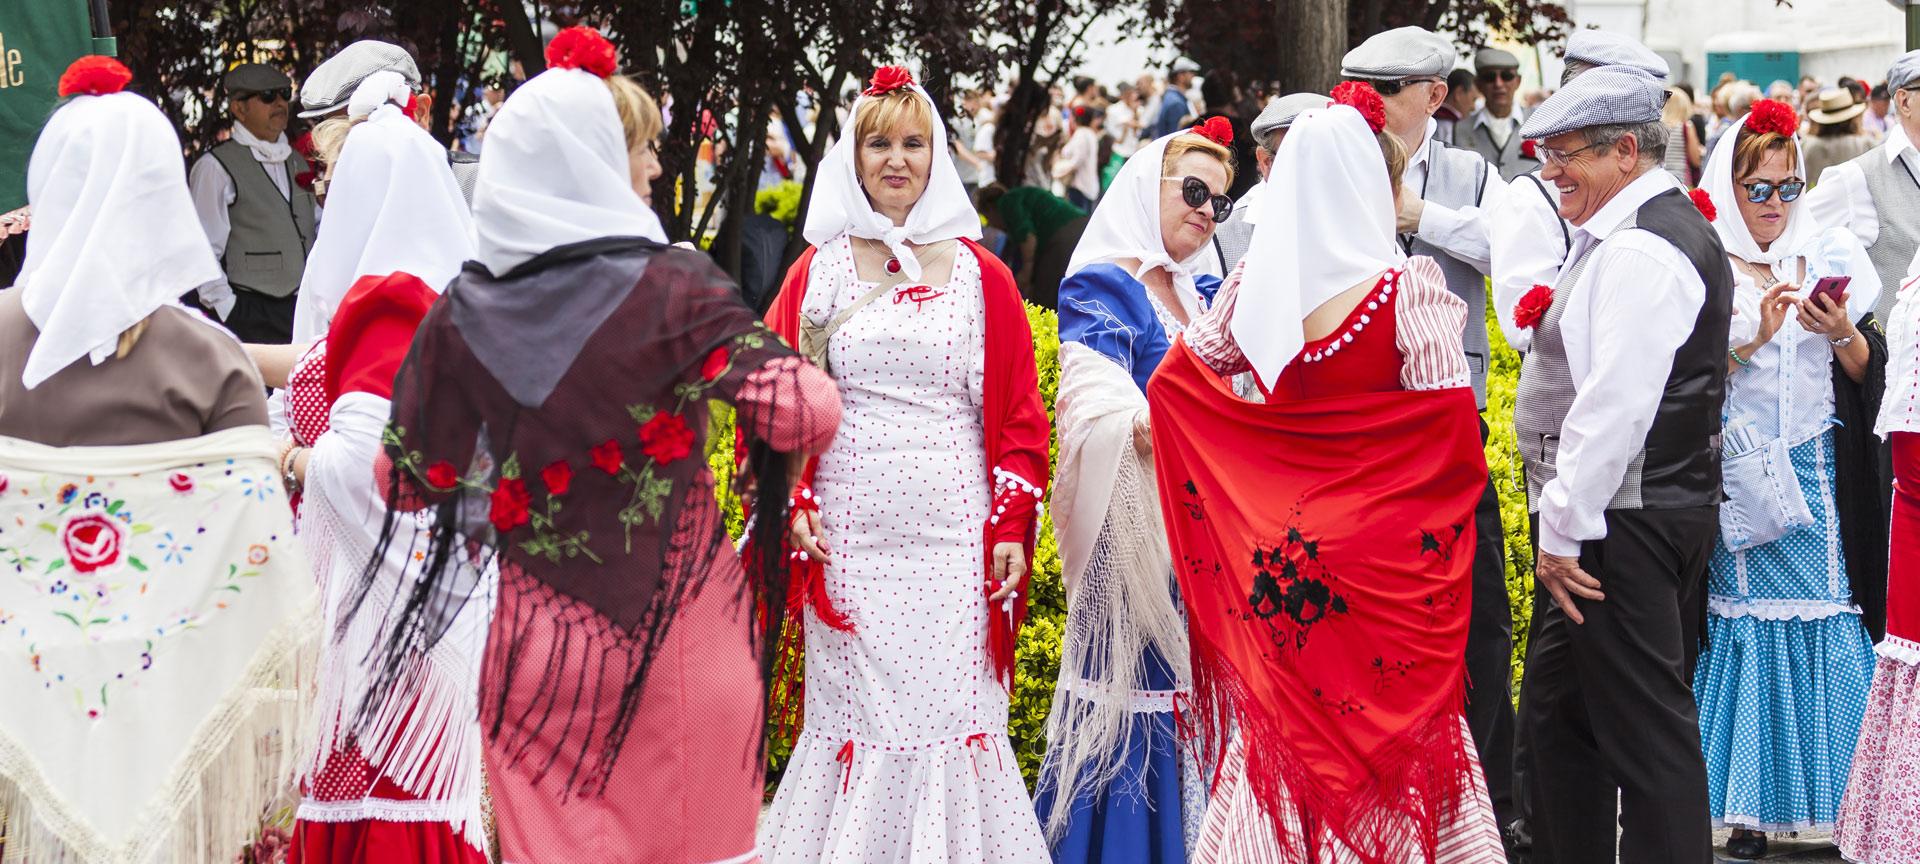 San Isidro Festivities Fiestas In Madrid Spain Info In English